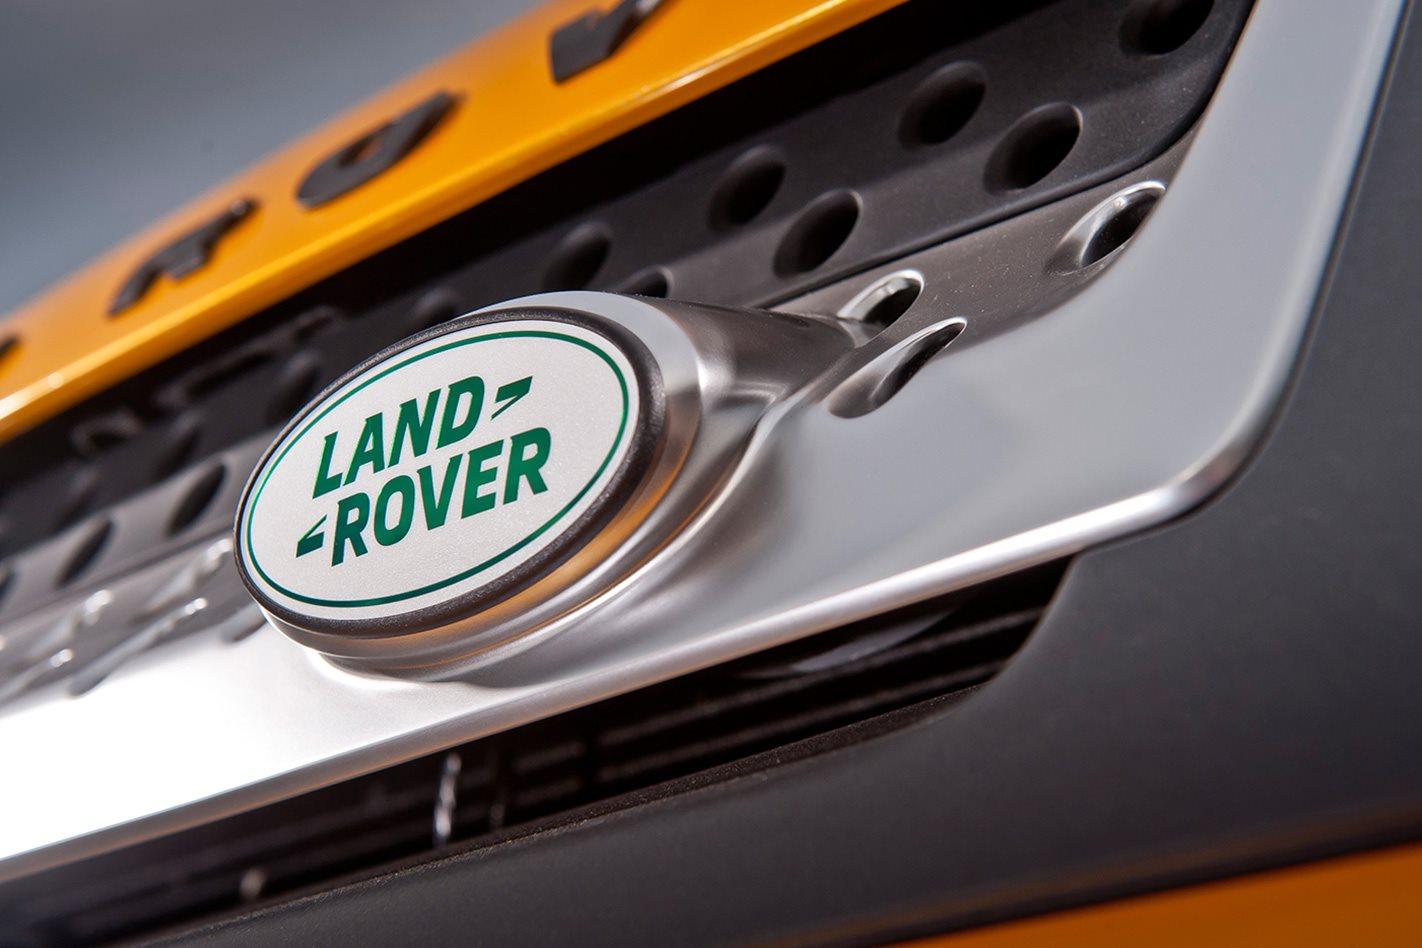 Land-Rover-Defender-Concept-badge.jpg